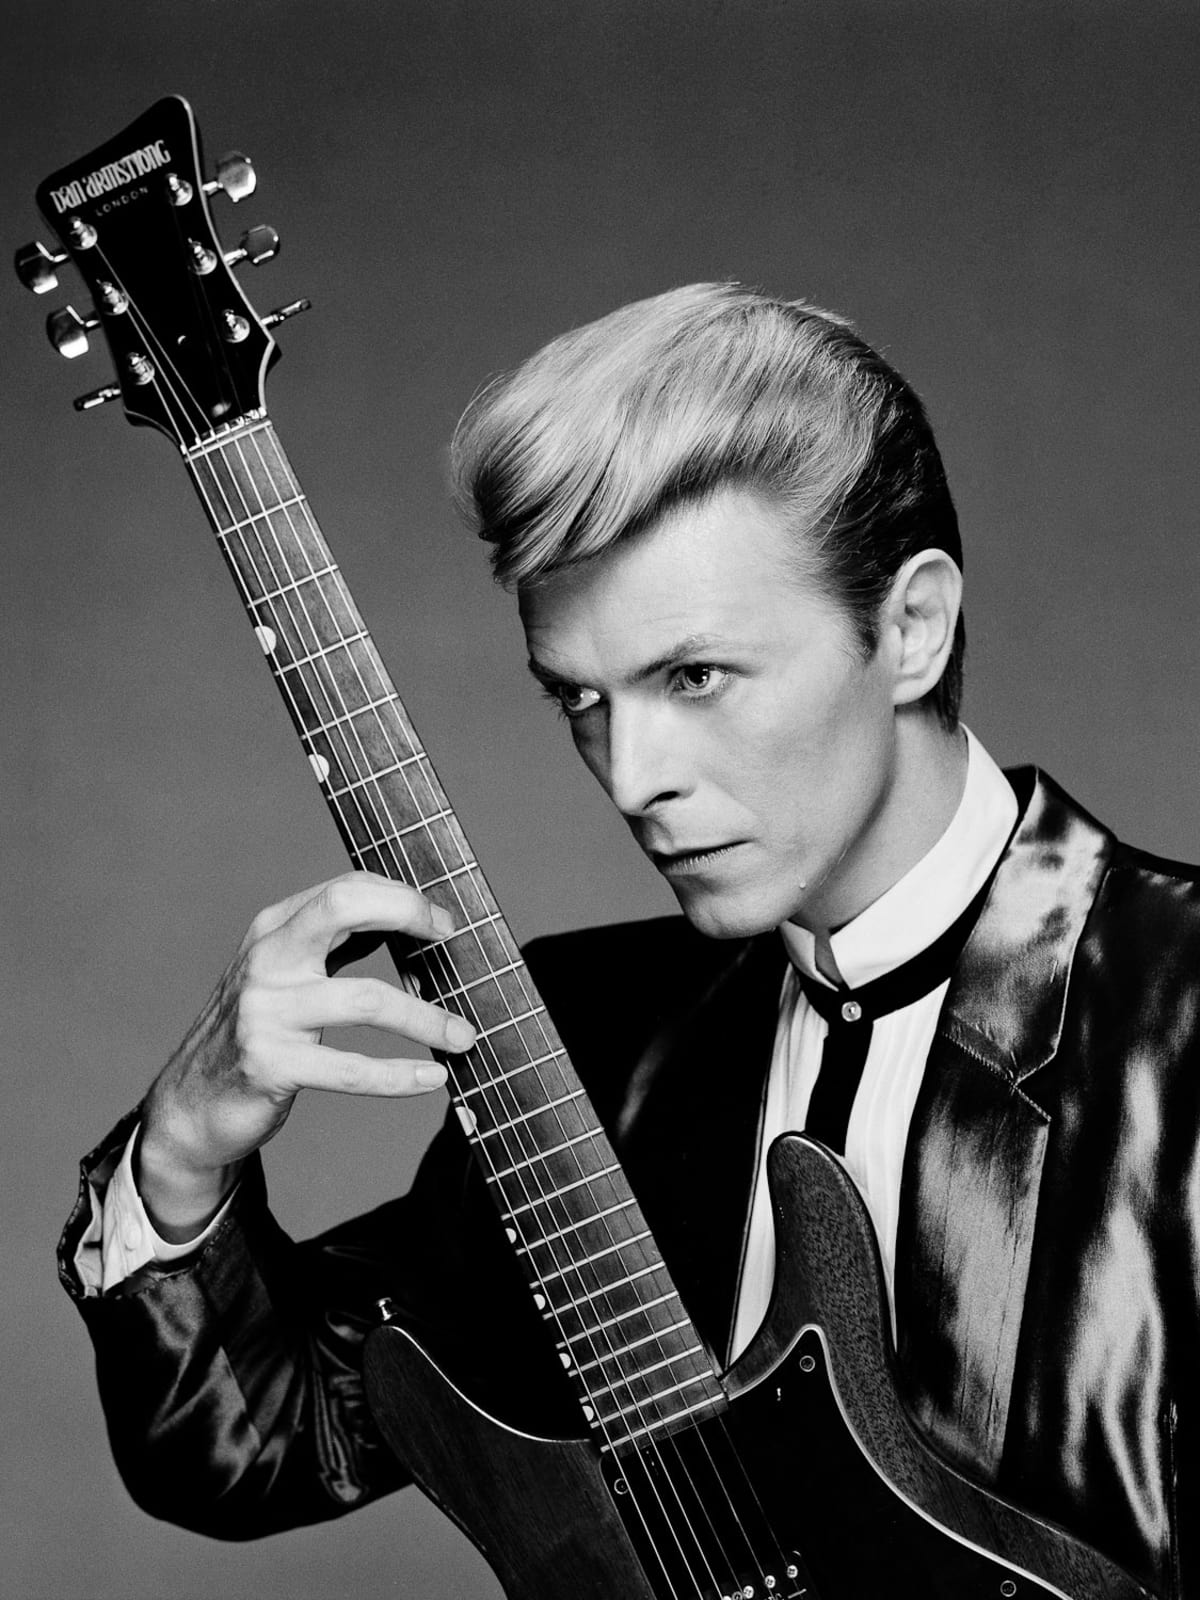 News_Greg Gorman_David Bowie